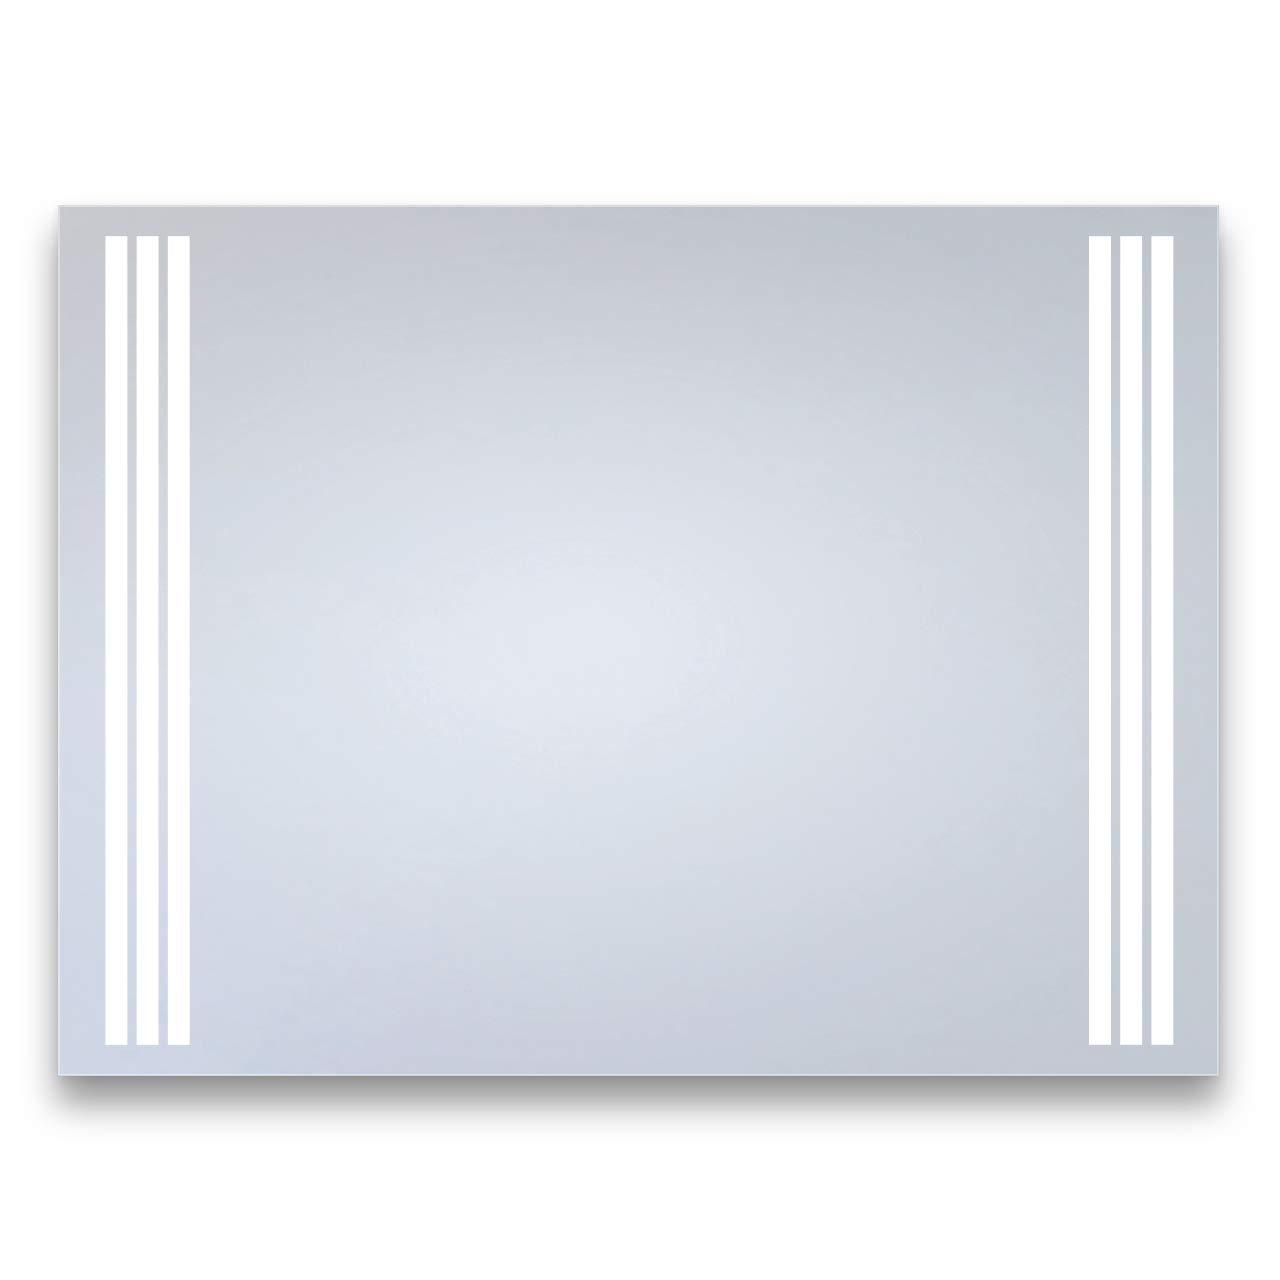 Bricode Süd LED Badspiegel Clarius (CQ) Spiegel mit Beleuchtung in ver. Größen & Lichtfarben (warmweiß, 80 x 60 cm) Bad - Spiegel Made in Germany